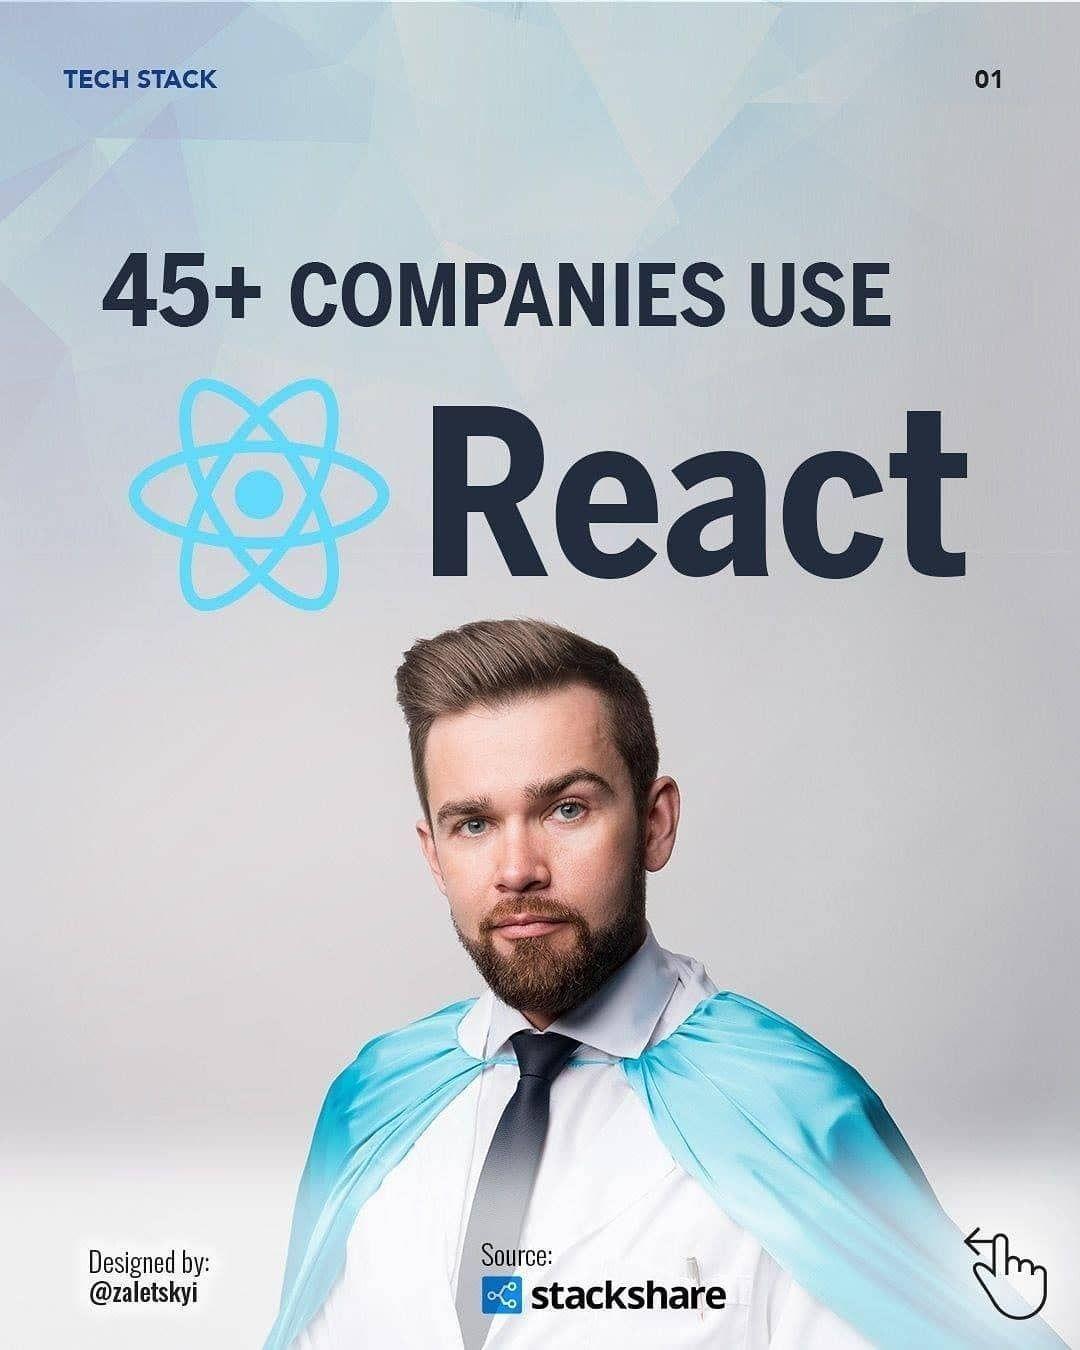 45+ companies use react